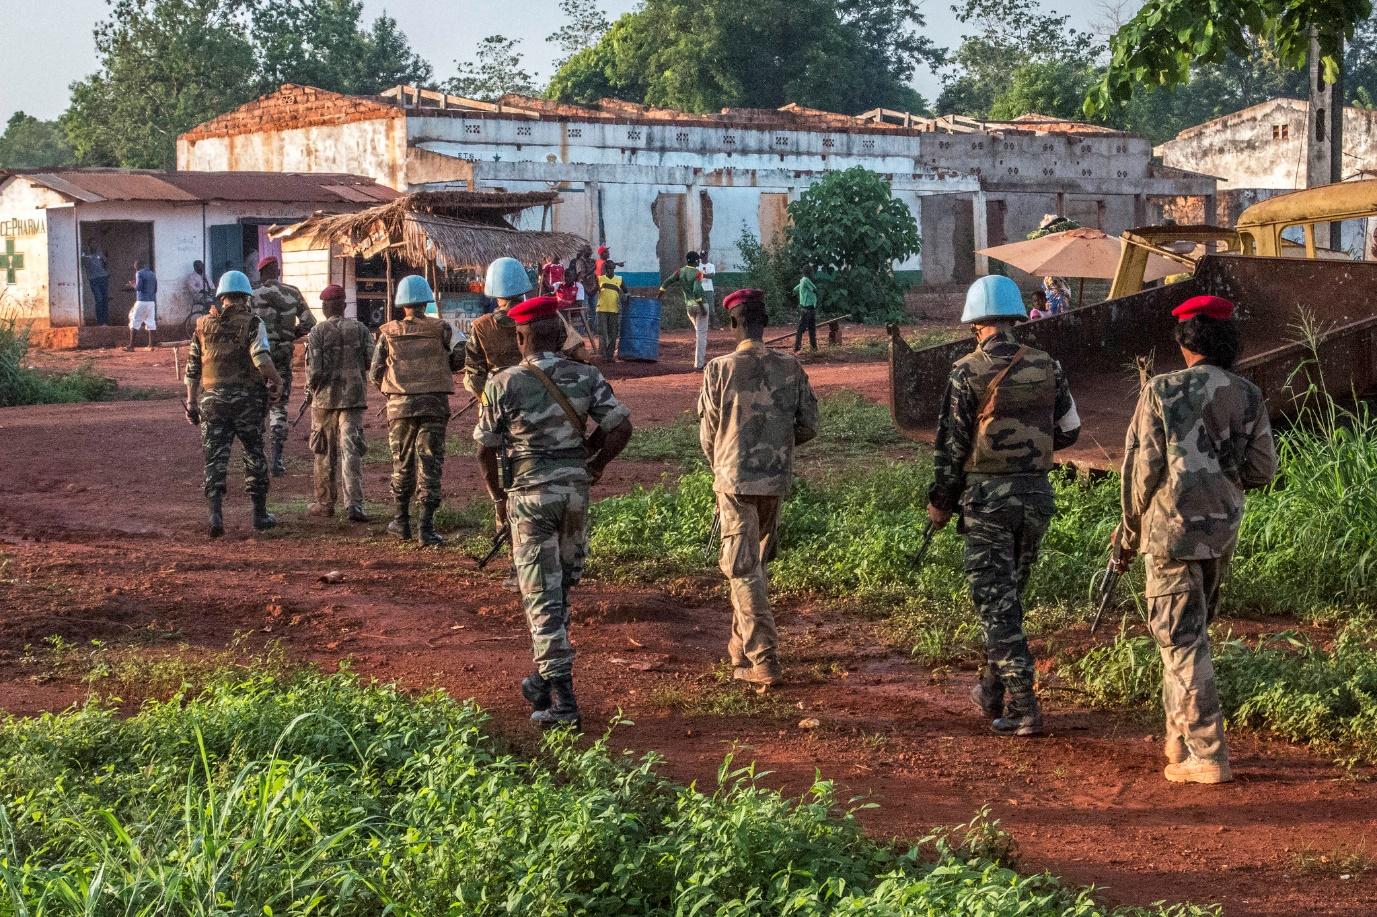 Centrafrique : les combats s'intensifient, la pénurie guette Bangui et la CEEC se prépare à envoyer une force sous régionale